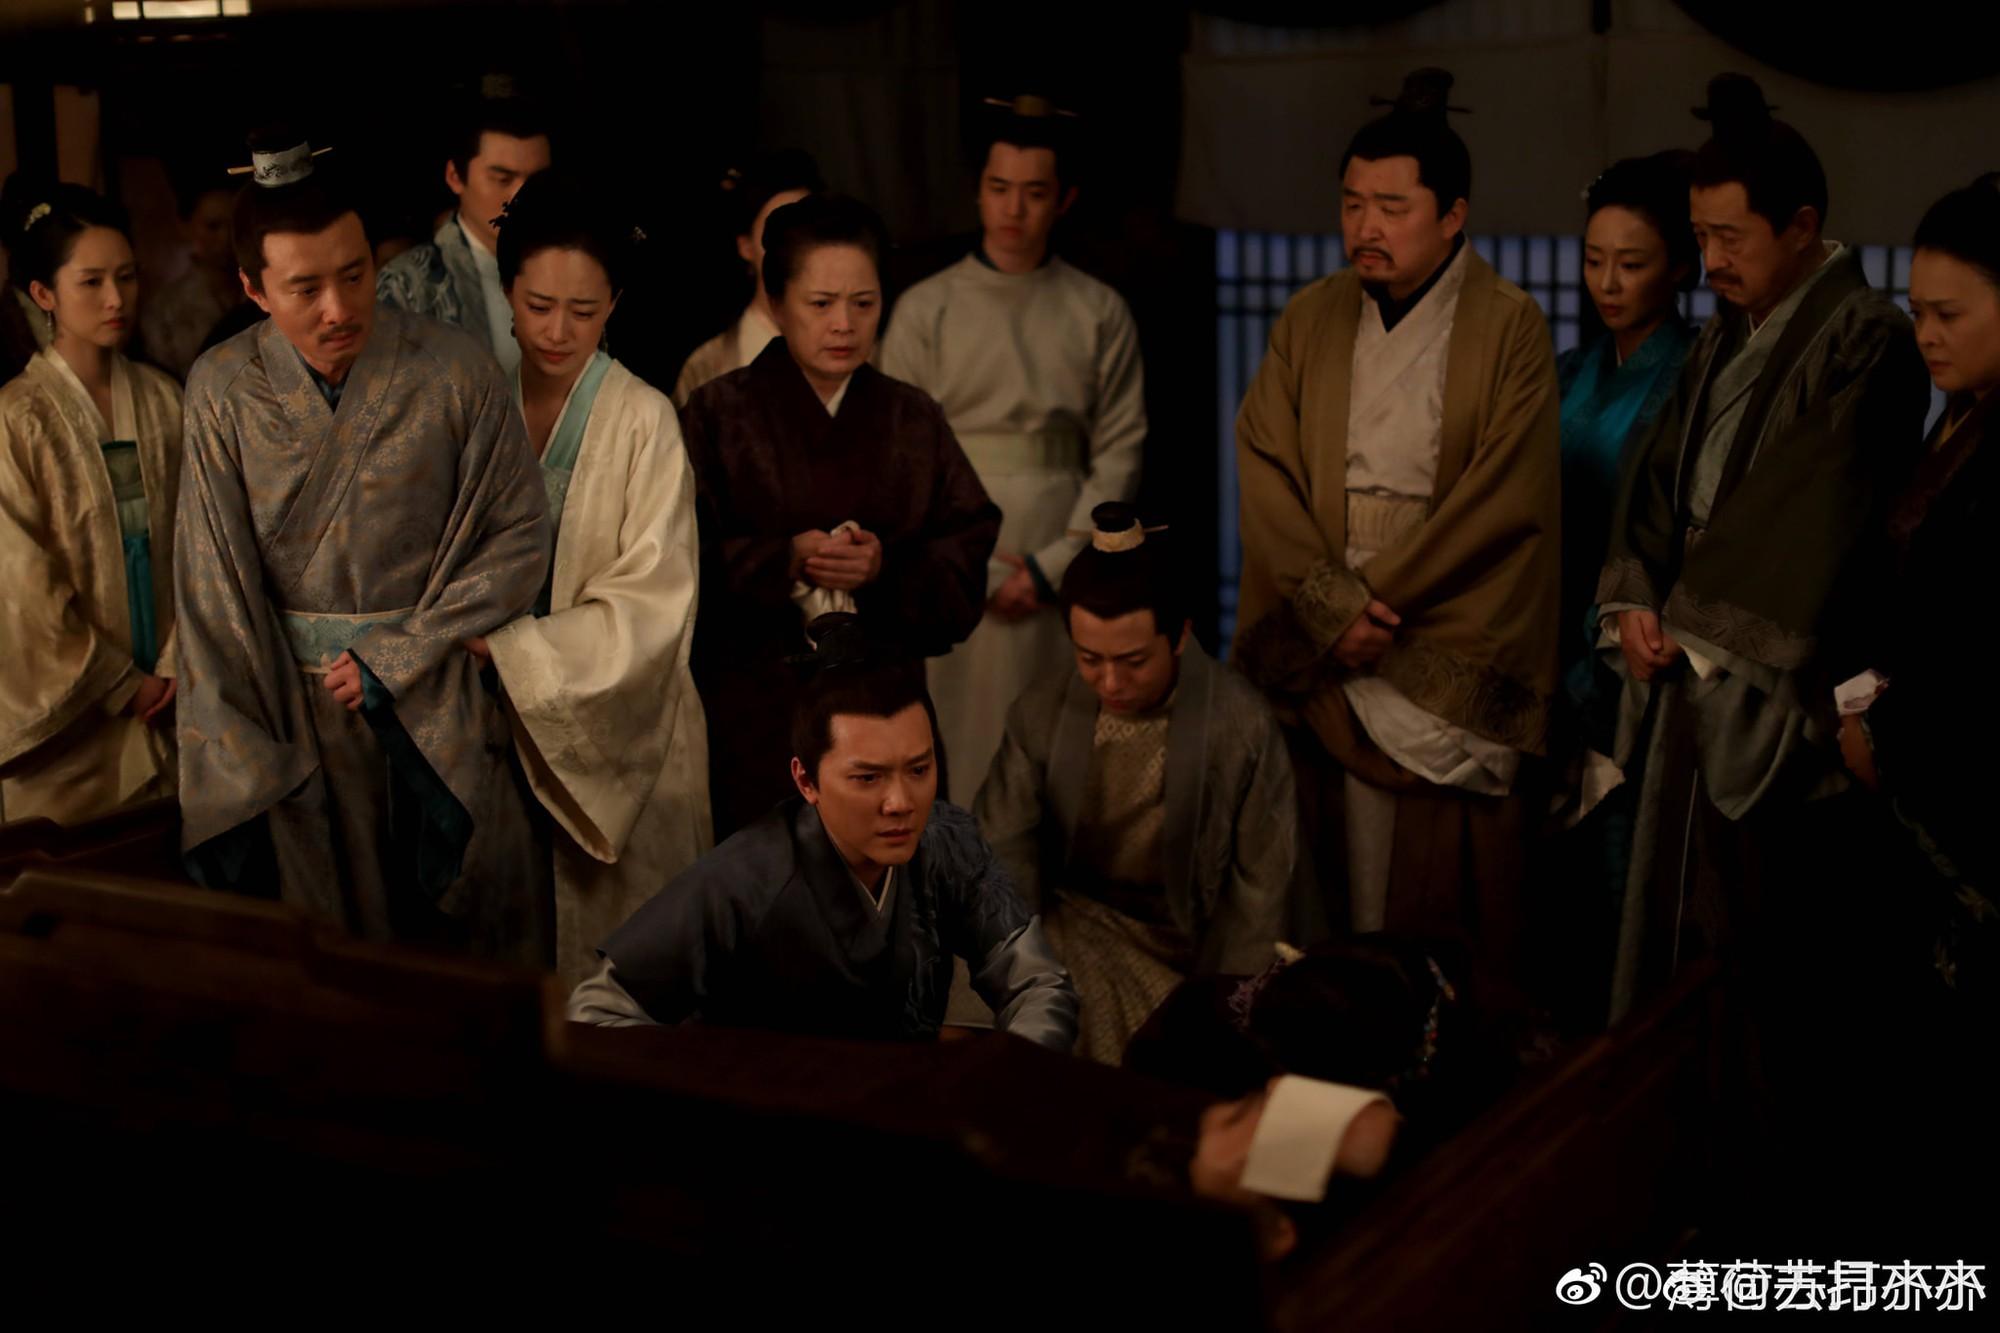 Lộ diện 4 gương mặt phản diện quyết cho Triệu Lệ Dĩnh ăn hành ra bã trong Minh Lan Truyện - Ảnh 6.